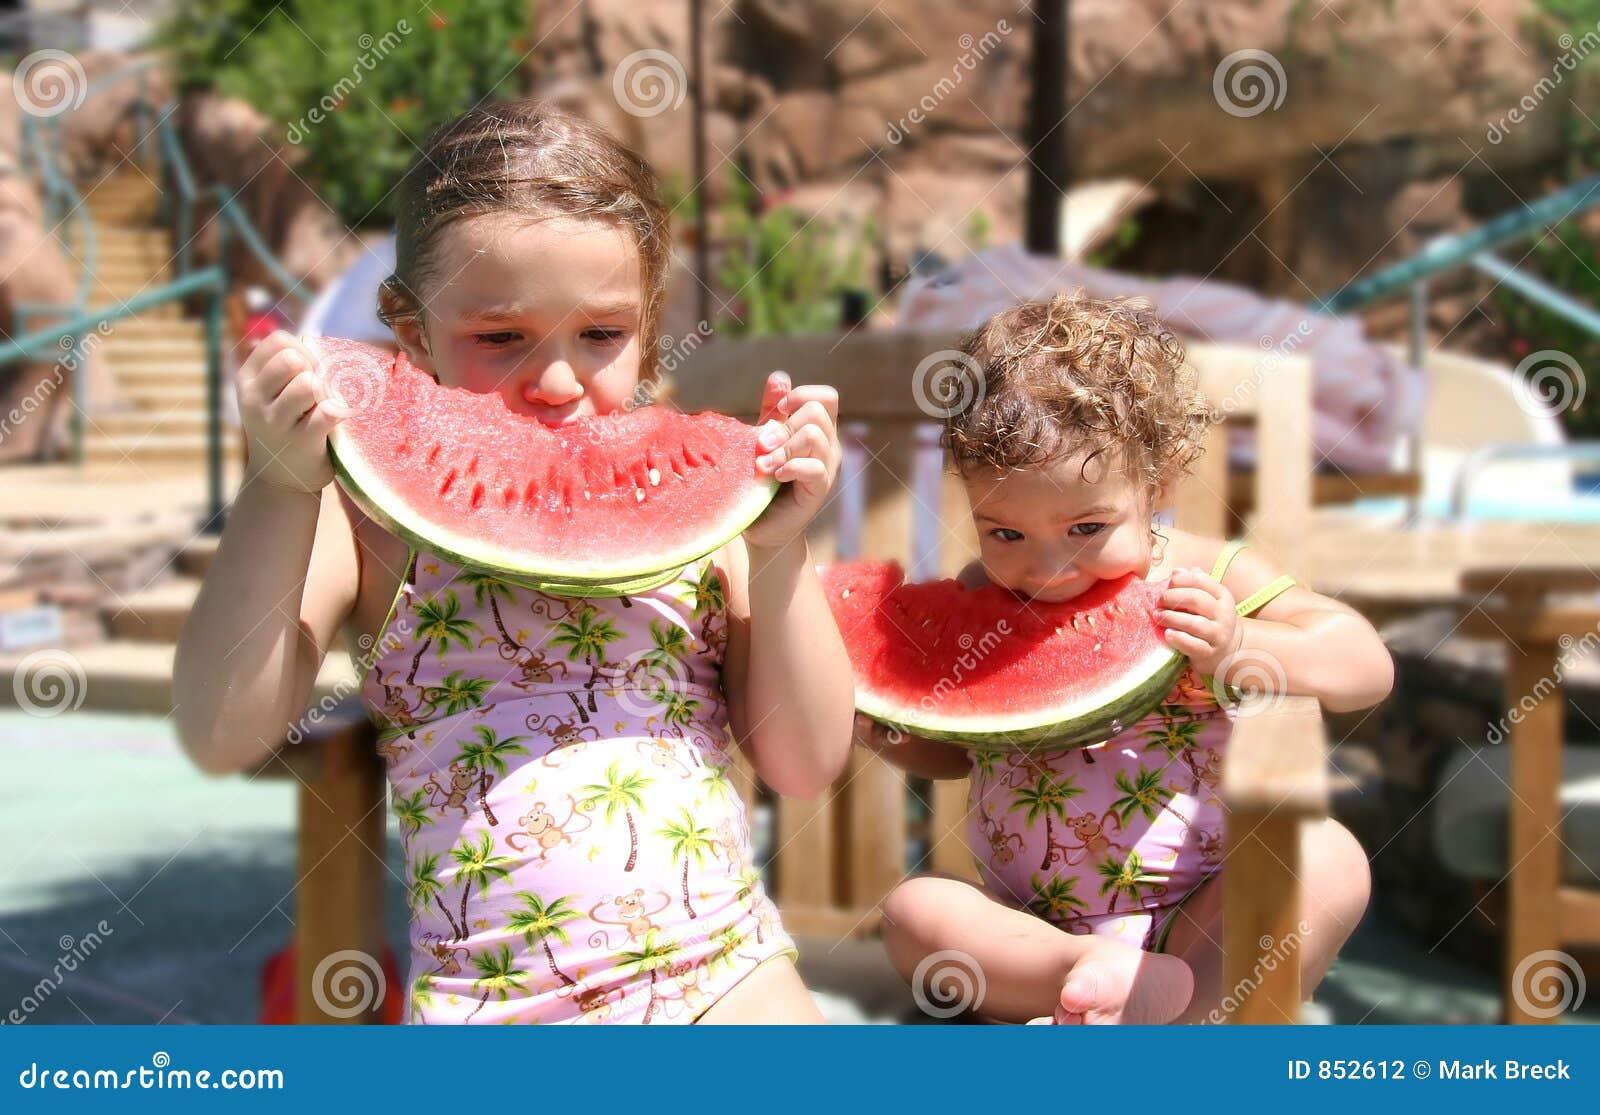 καρπούζι κοριτσιών